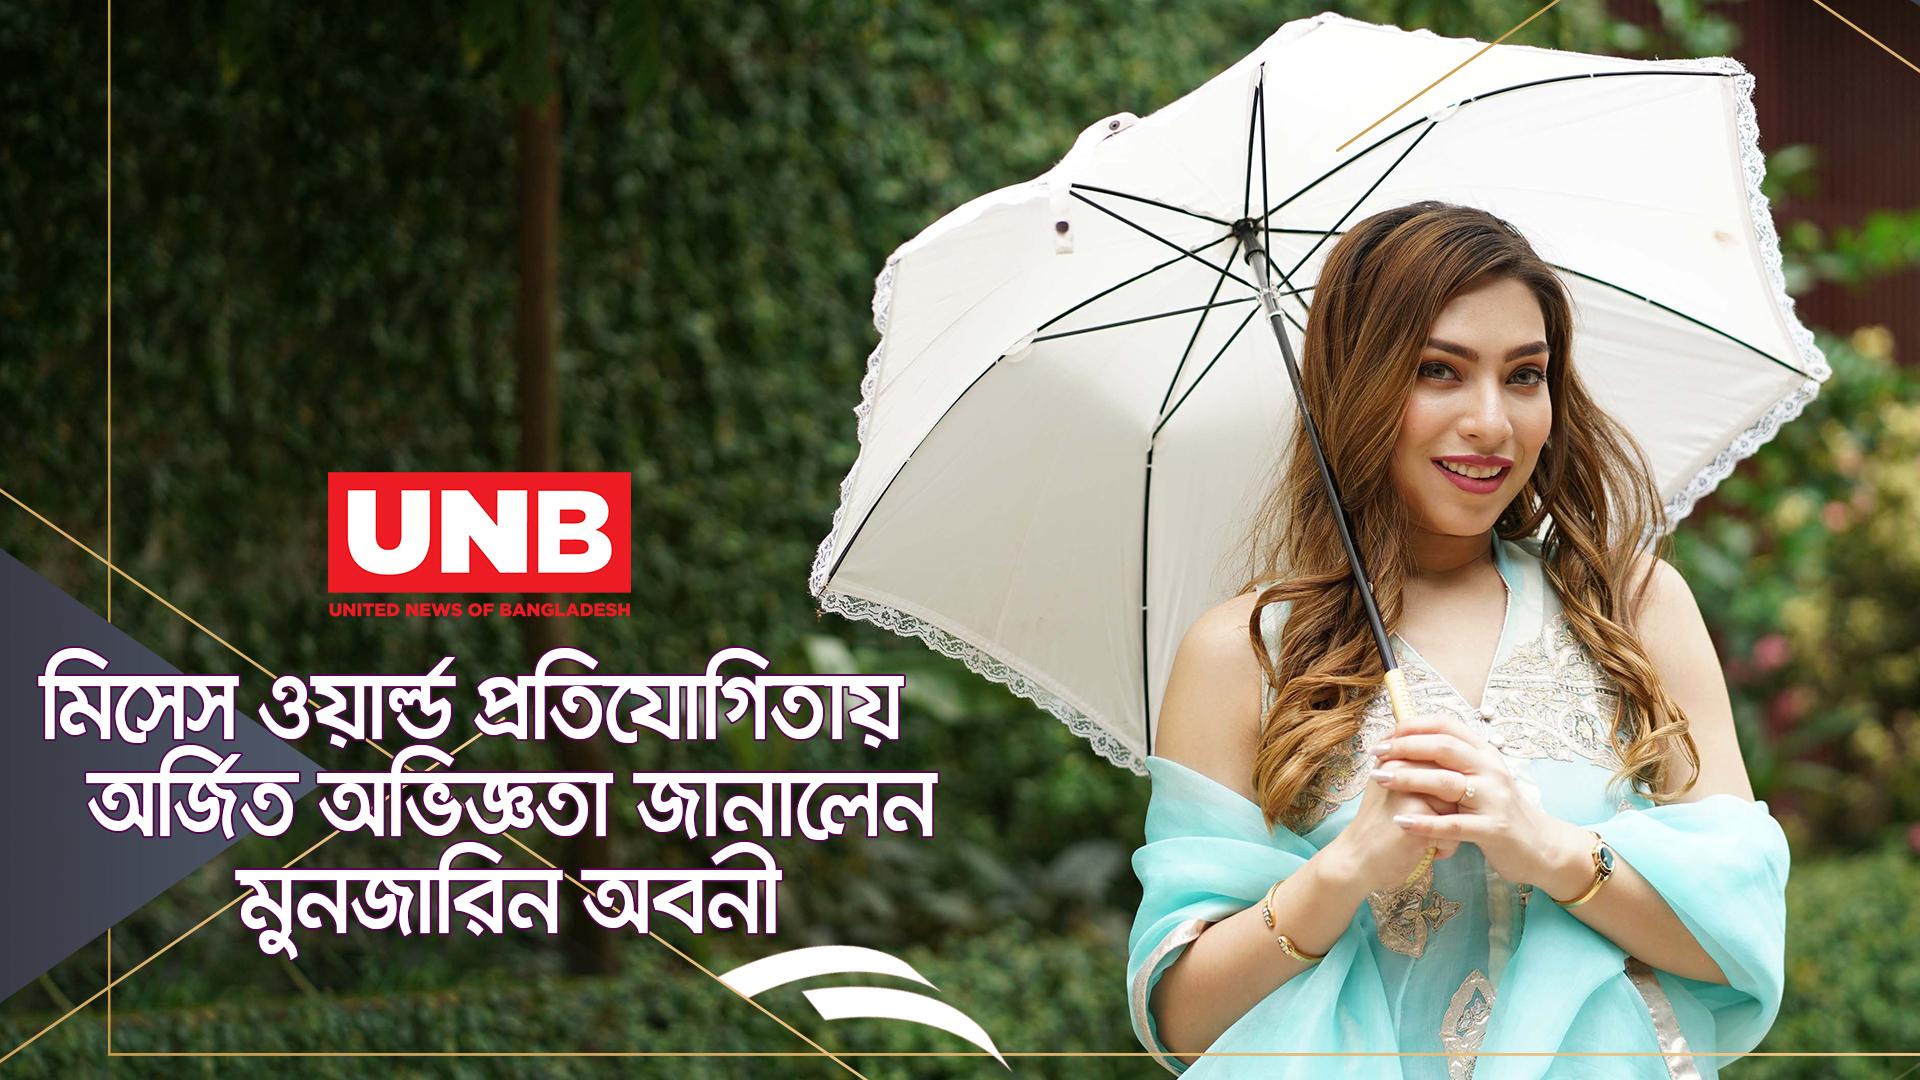 'মিসেস ওয়ার্ল্ড' প্রতিযোগিতায় অর্জিত অভিজ্ঞতা জানালেন মুনজারিন অবনী | Mrs Bangladesh Munjarin Abony